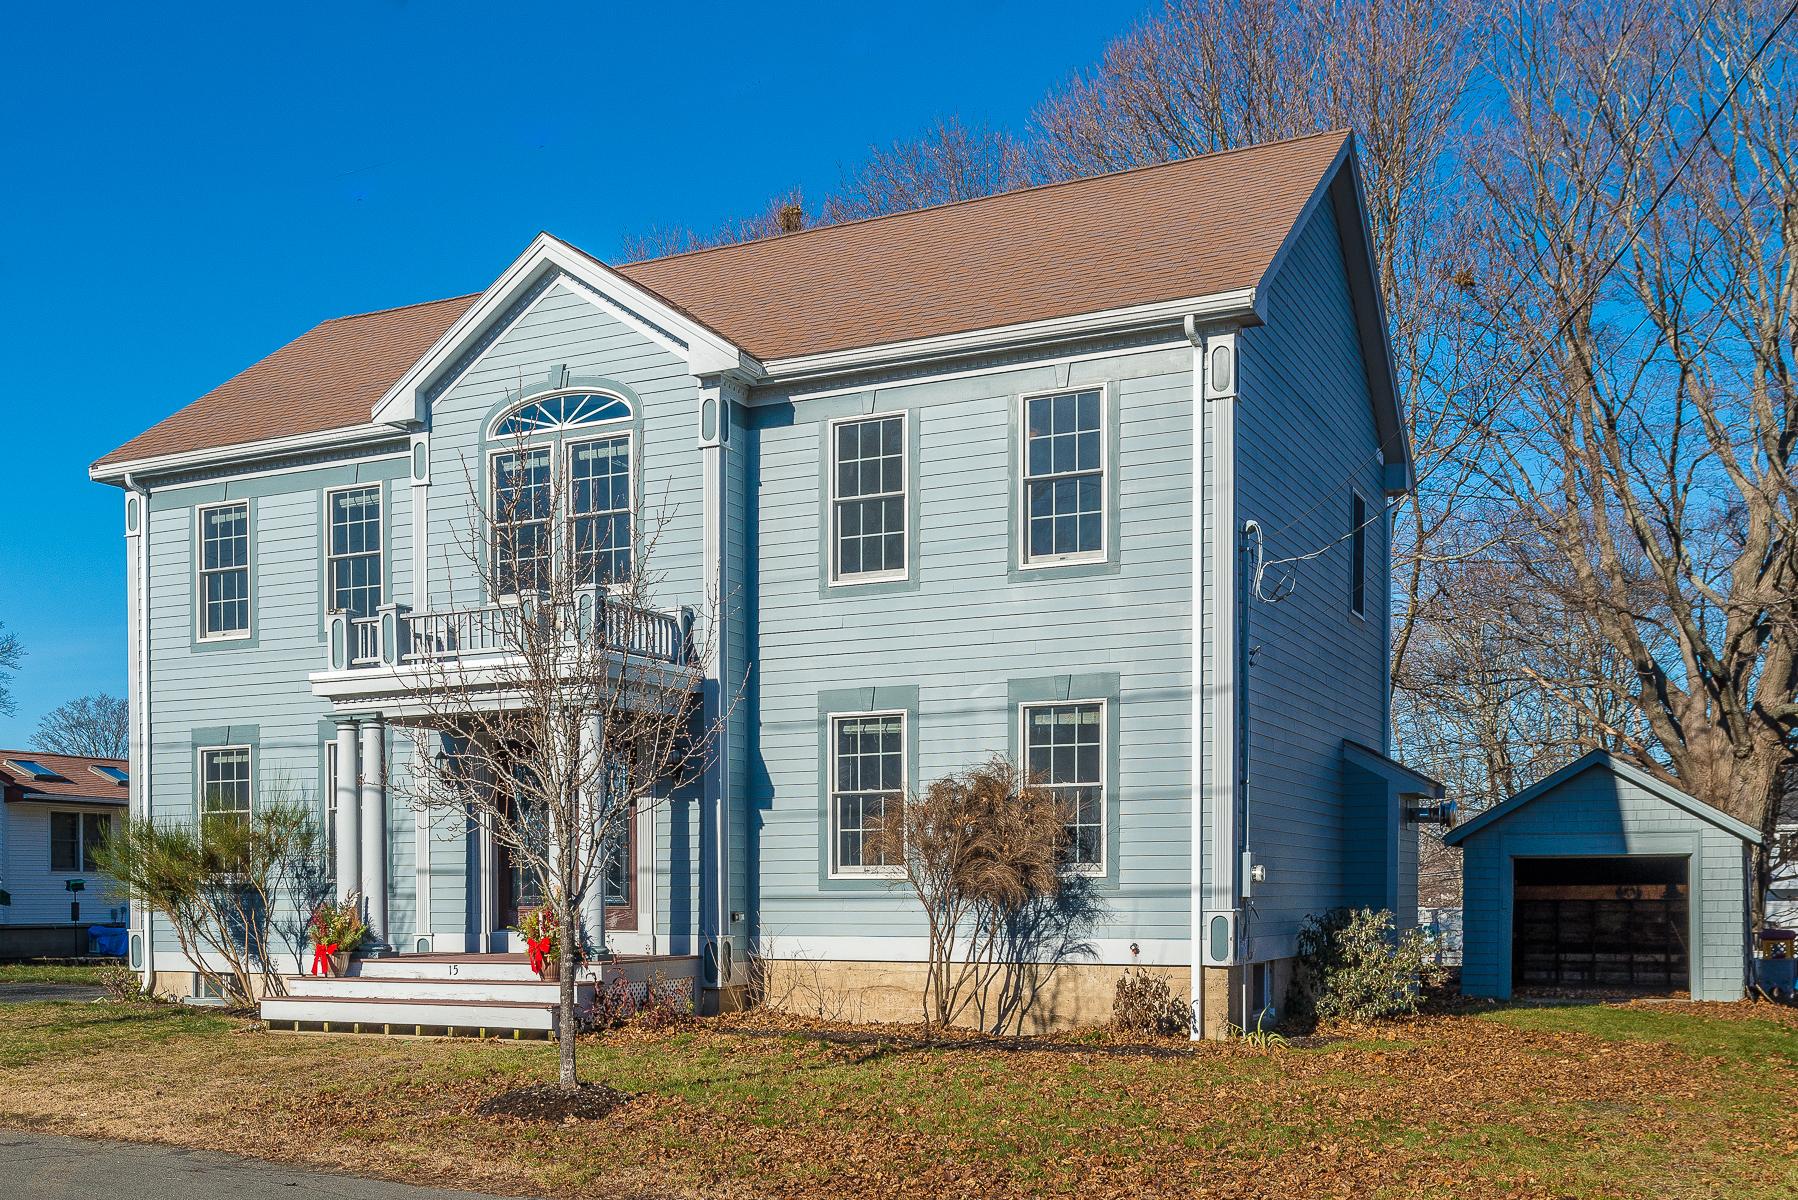 Maison unifamiliale pour l Vente à Beautifully Renovated Colonial Located Near Major Highways 15 Appleton Street Danvers, Massachusetts, 01923 États-Unis